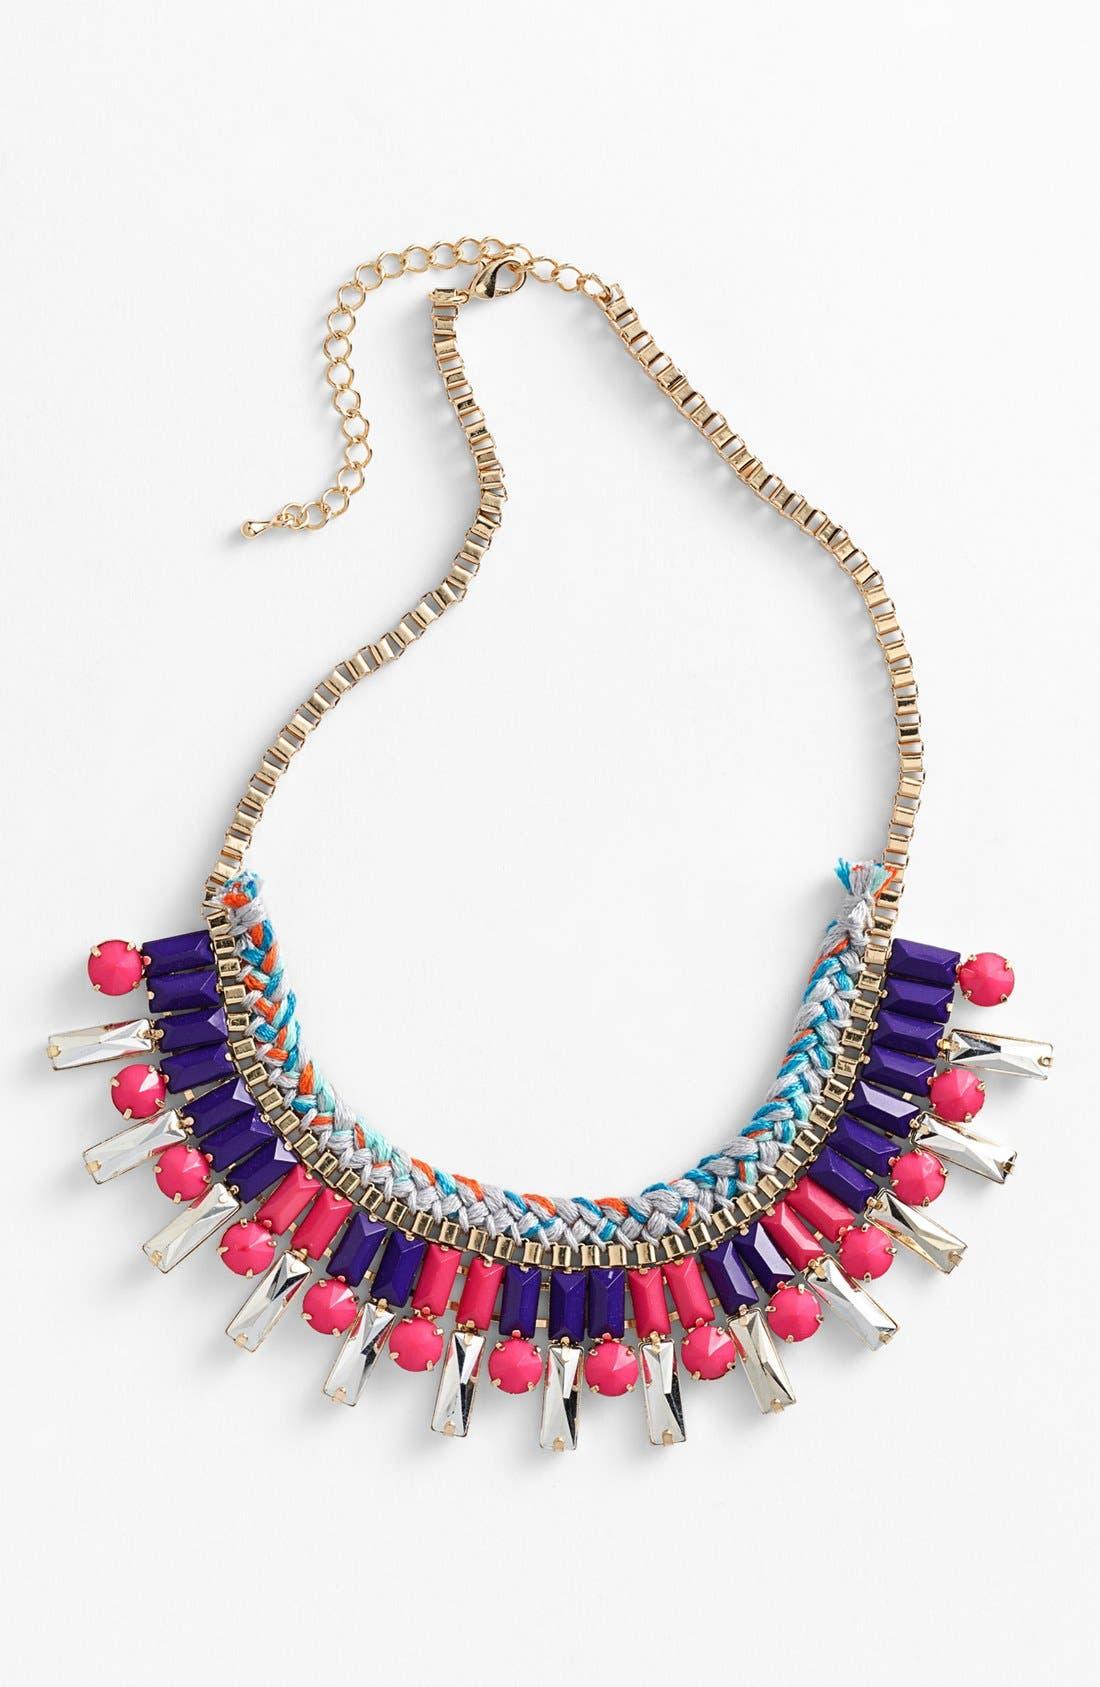 Main Image - Panacea Braided Necklace